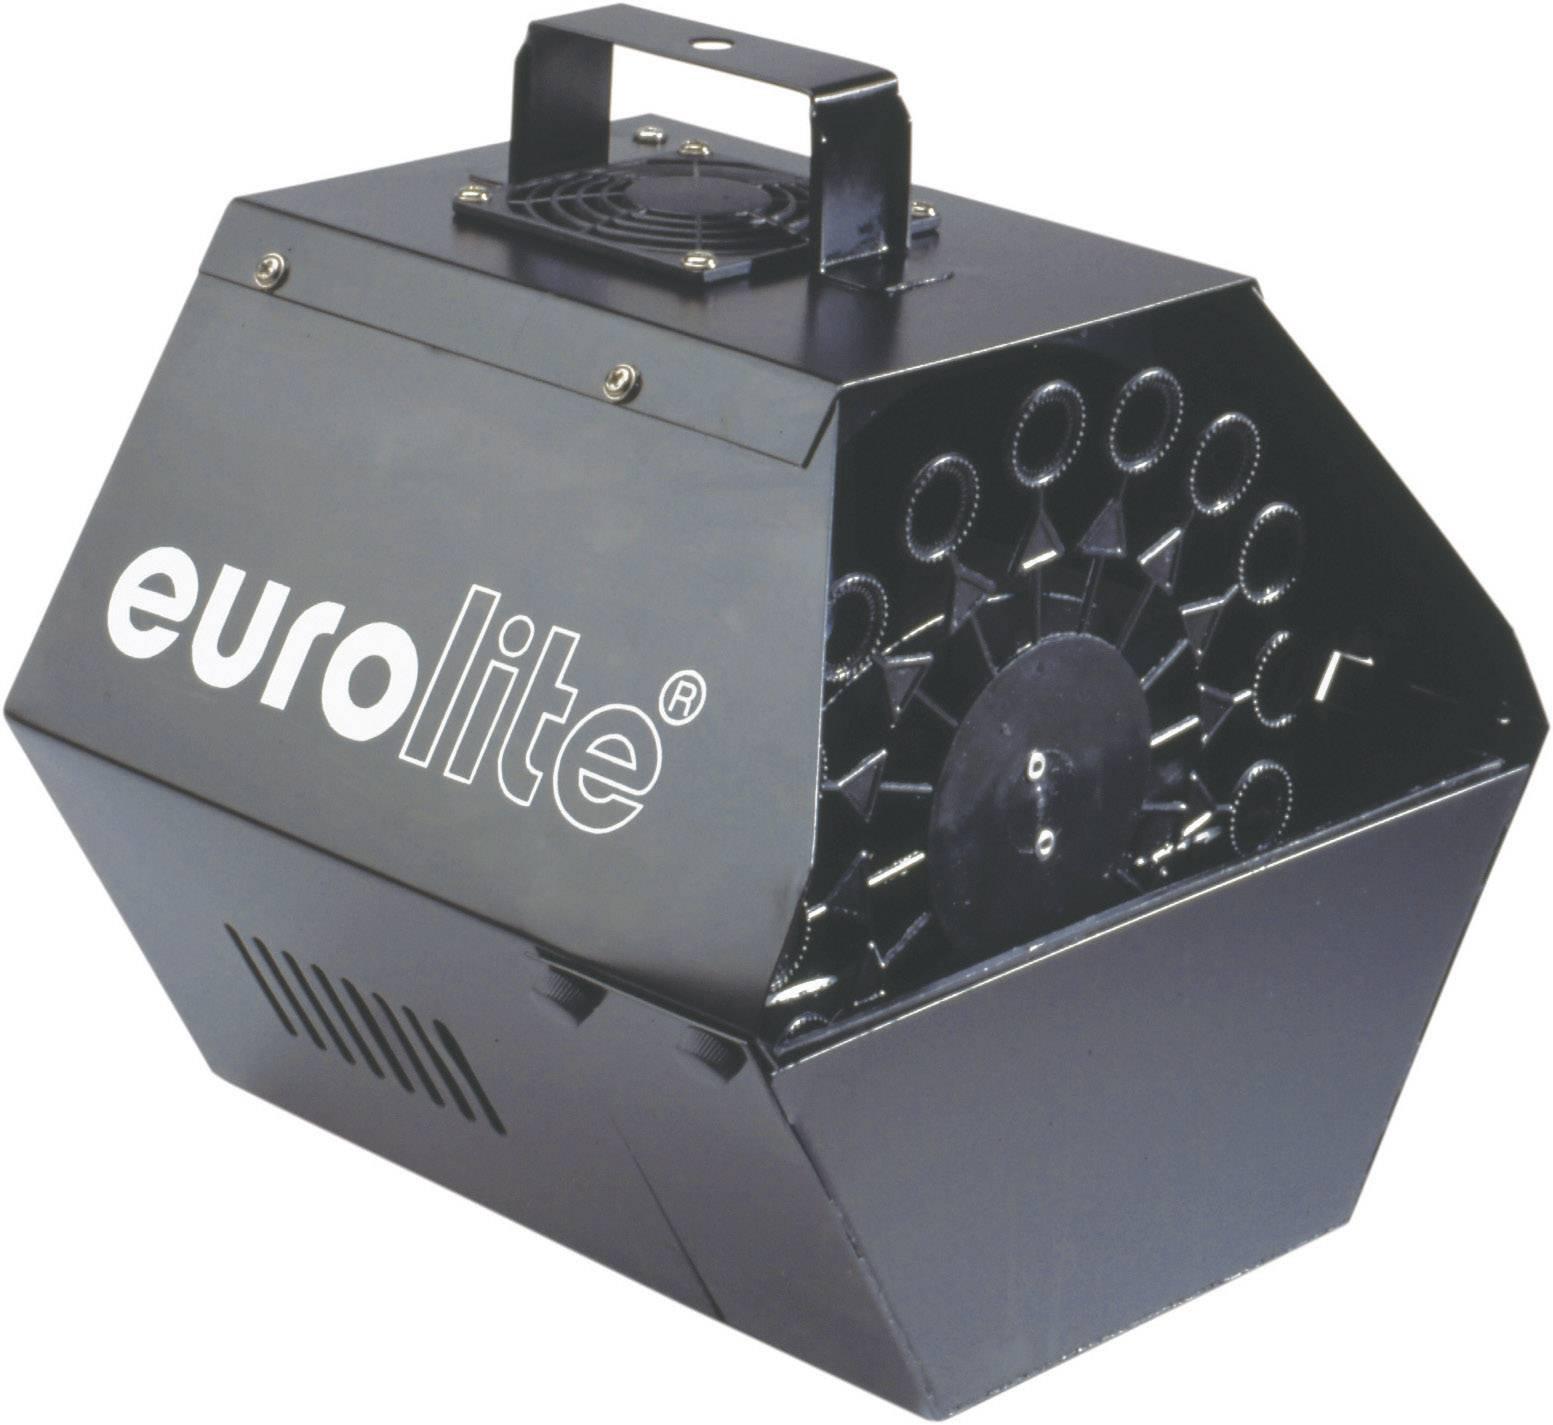 Prístroj na výrobu bublín